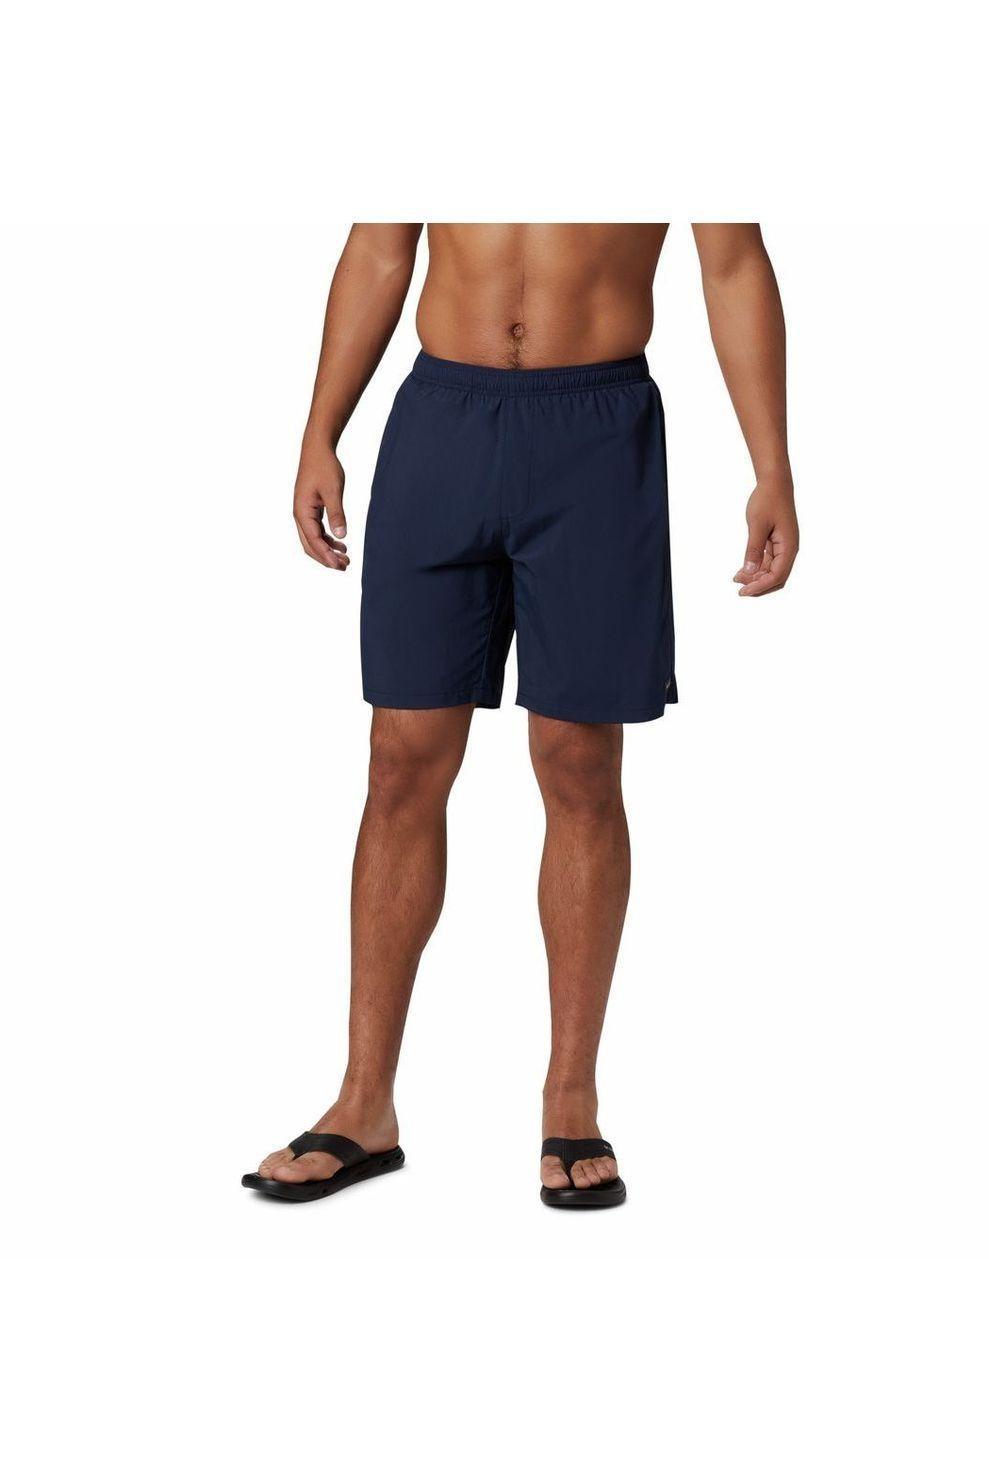 Columbia Zwemshort Roatan Drifter Water 8 voor heren - Blauw/ Gemengd - Maten: M, L, XL